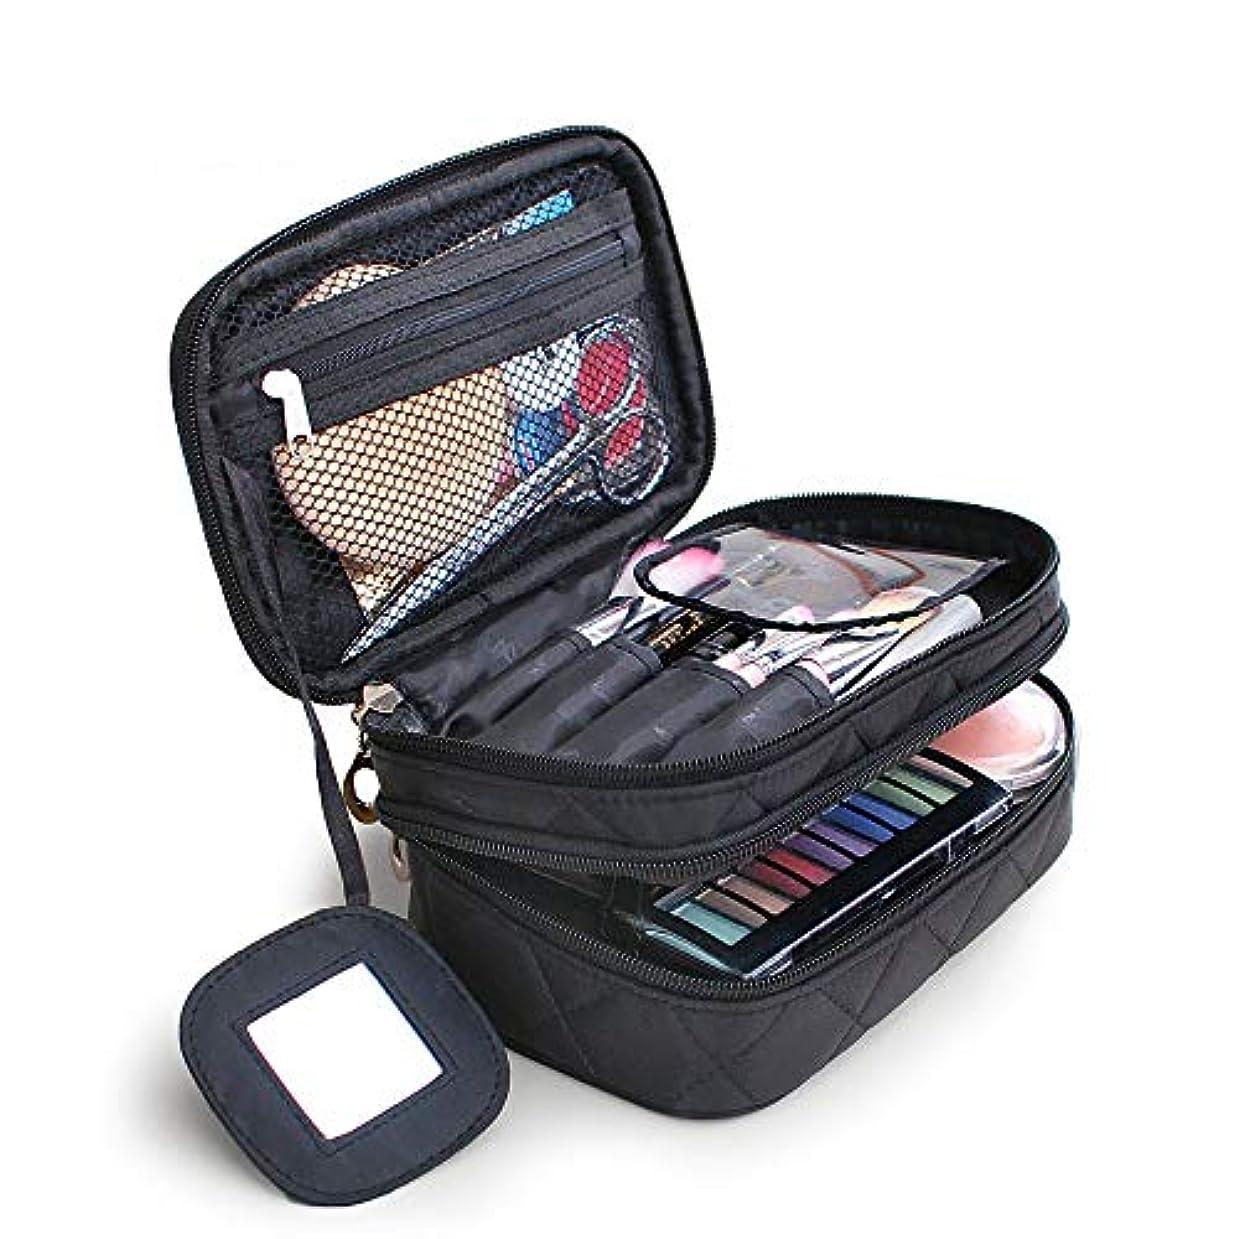 生産的五十ミニチュア化粧バッグ プロ 化粧箱 高品質 大容量 化粧品収納バッグ ウォッシュバッグ 防水化粧品ケースナイロンブラック化粧品袋収納袋